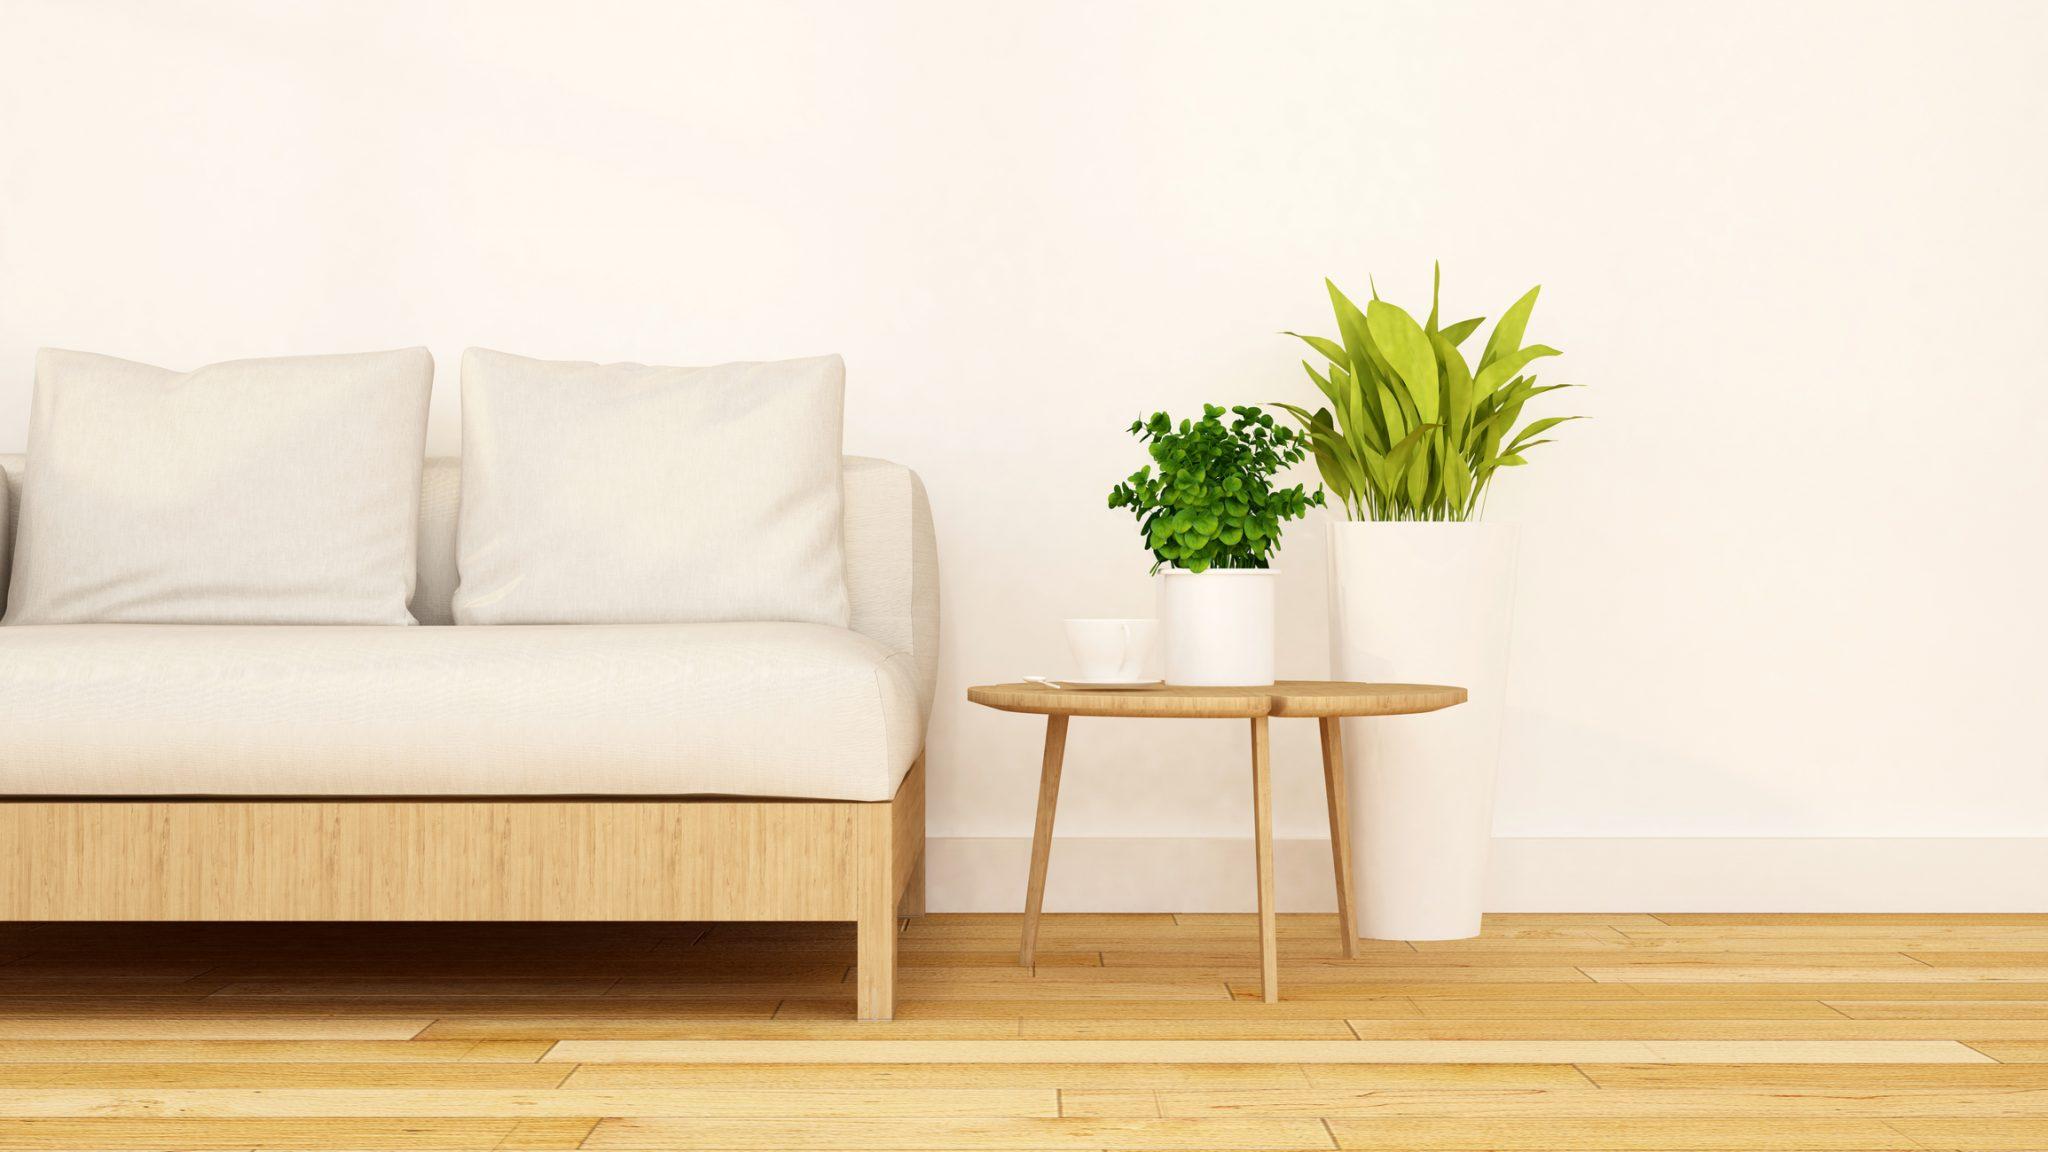 Pflanzen, die die Luft reinigen und die Raumenergie verbessern